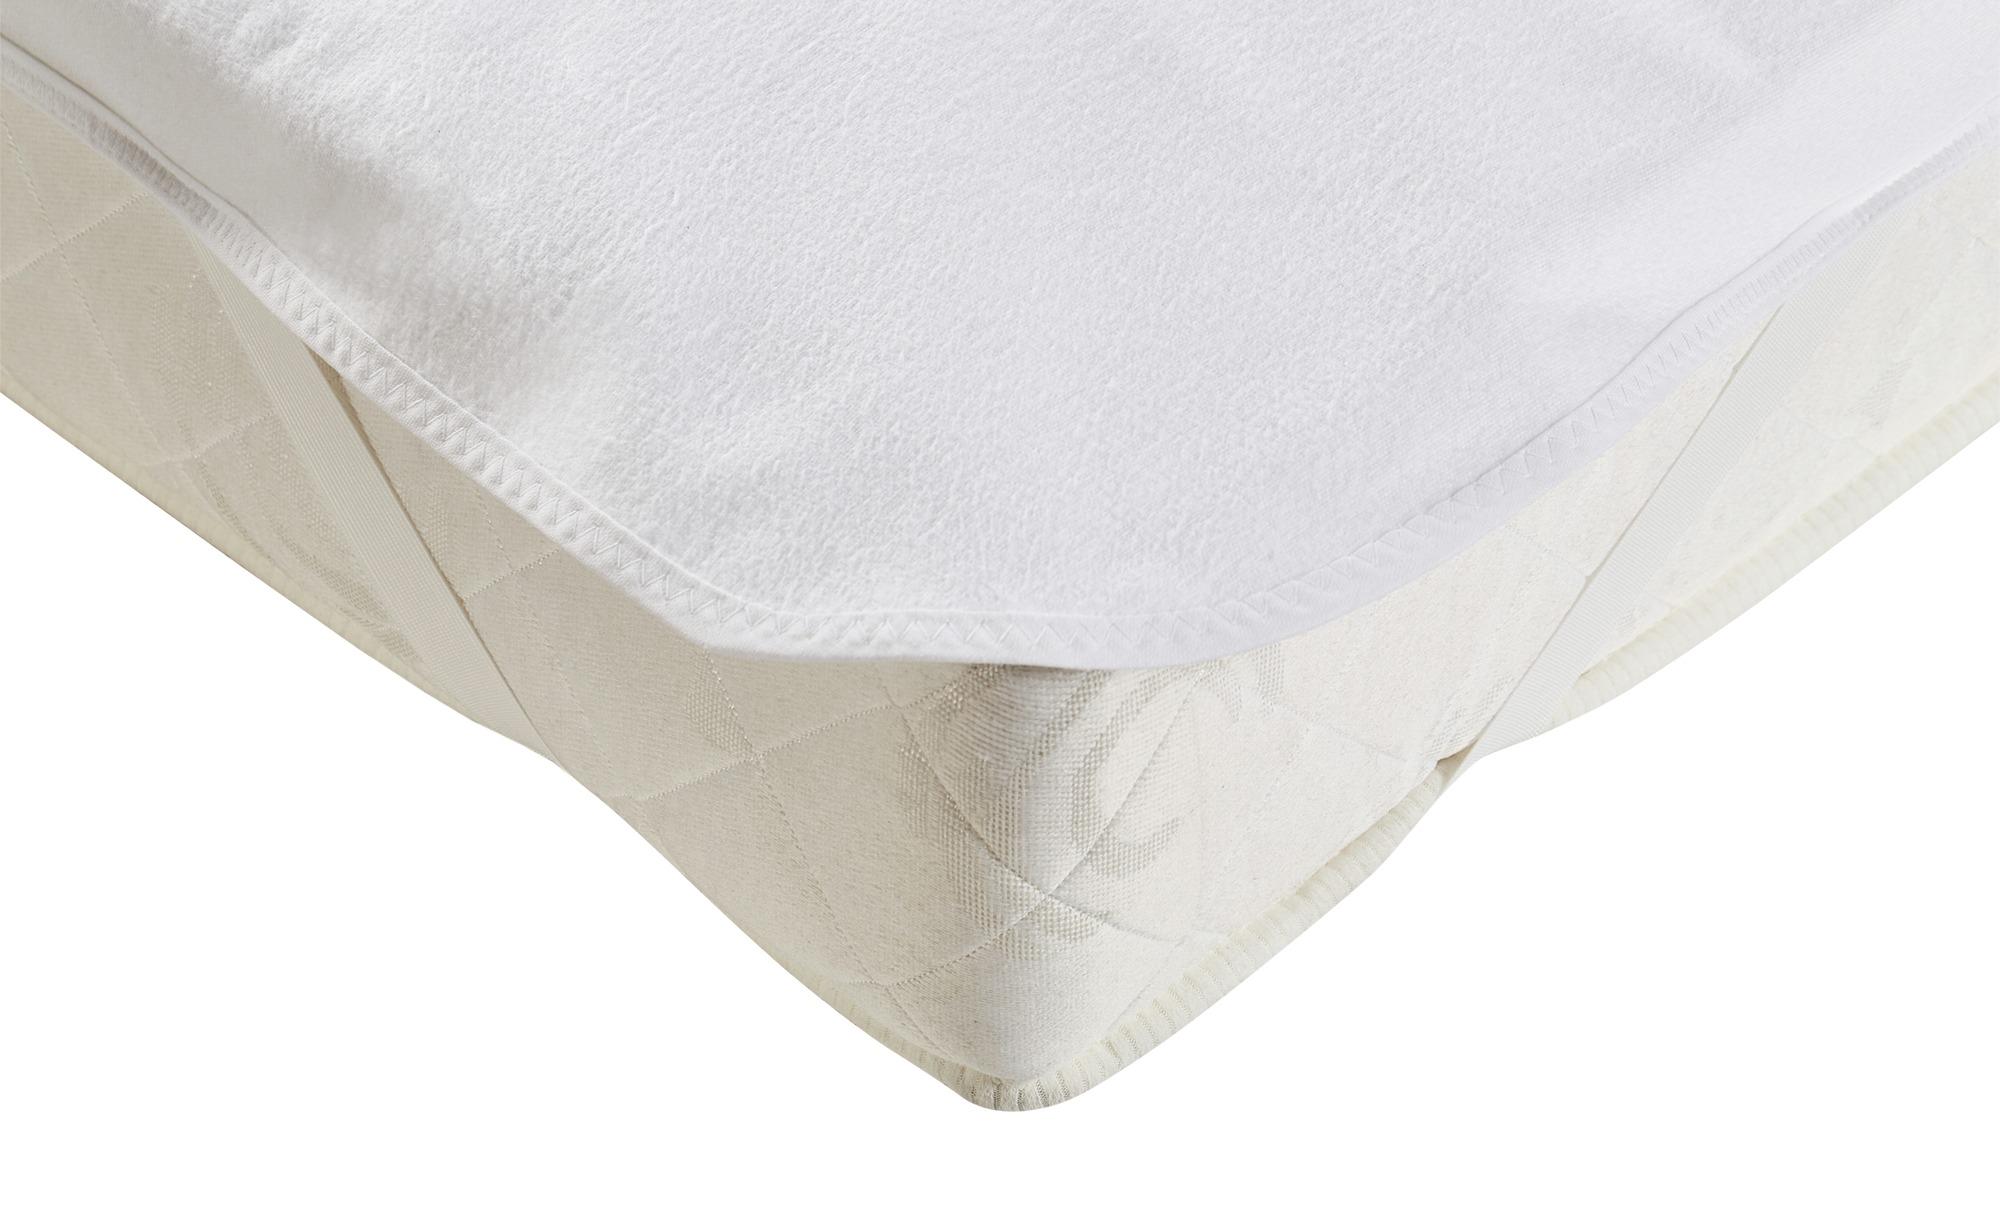 LAVIDA Molton-Matratzenauflage - weiß - 100% Baumwolle - 180 cm - Sconto